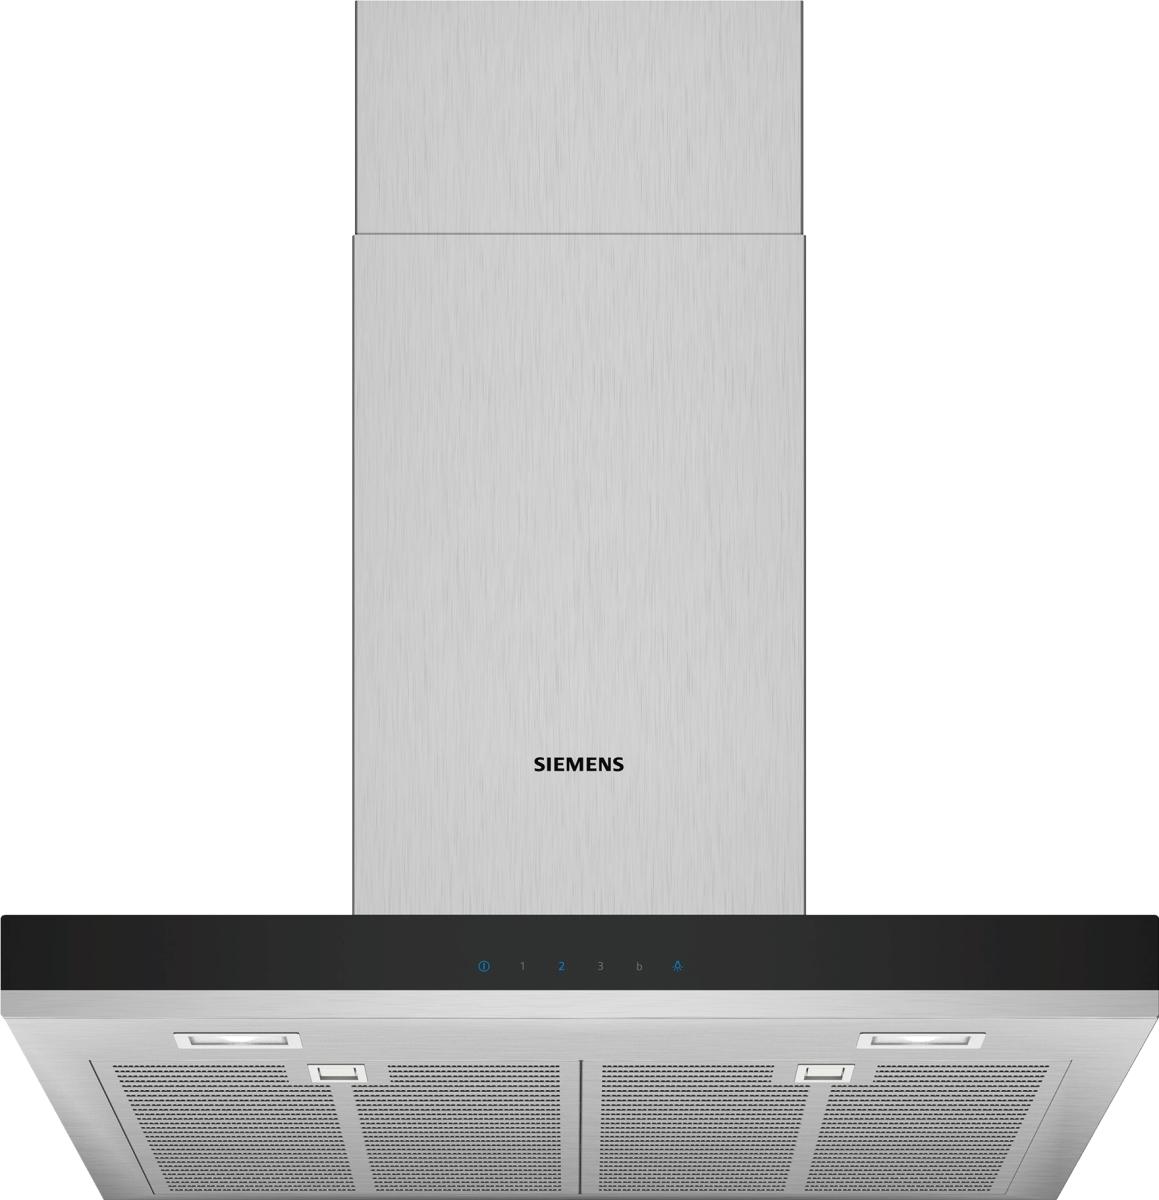 Siemens LC67BHM50Wandhaube 60cm breit